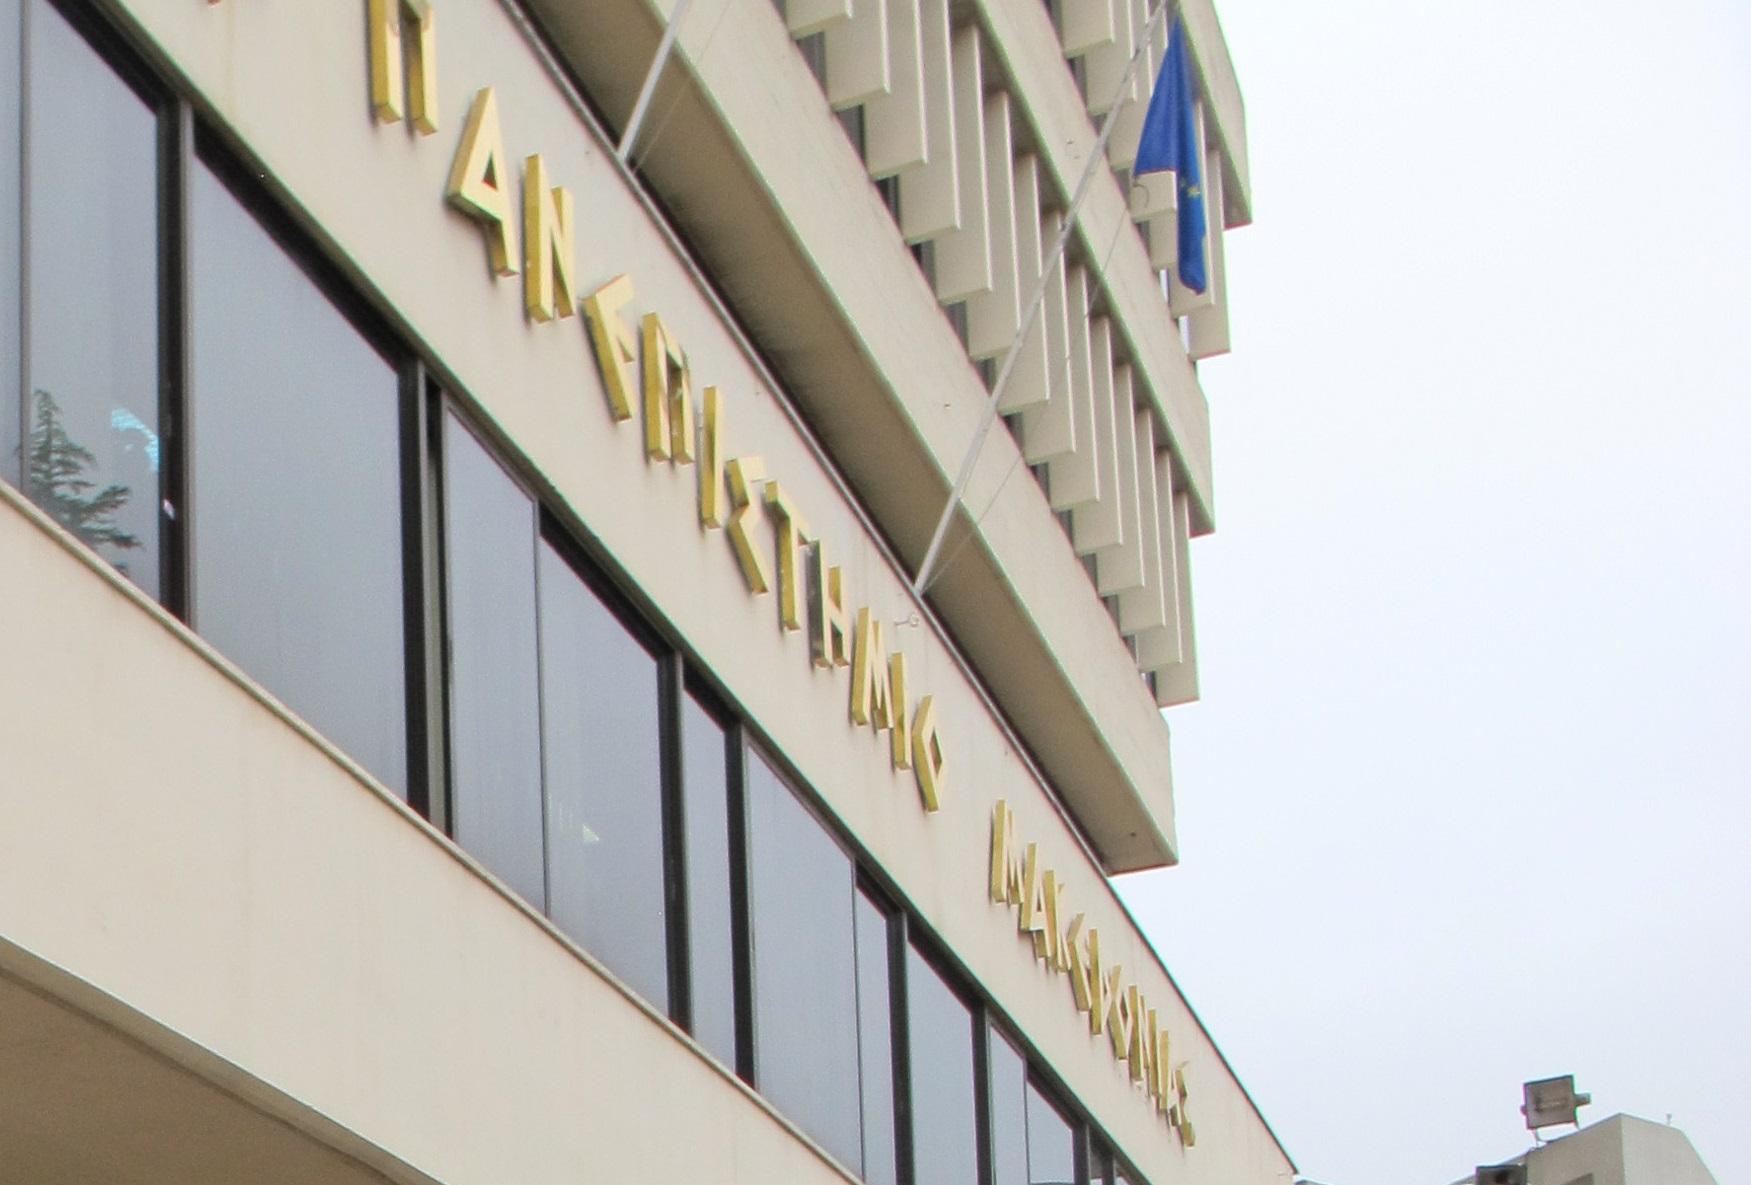 Κατάληψη στο Πανεπιστήμιο Μακεδονίας